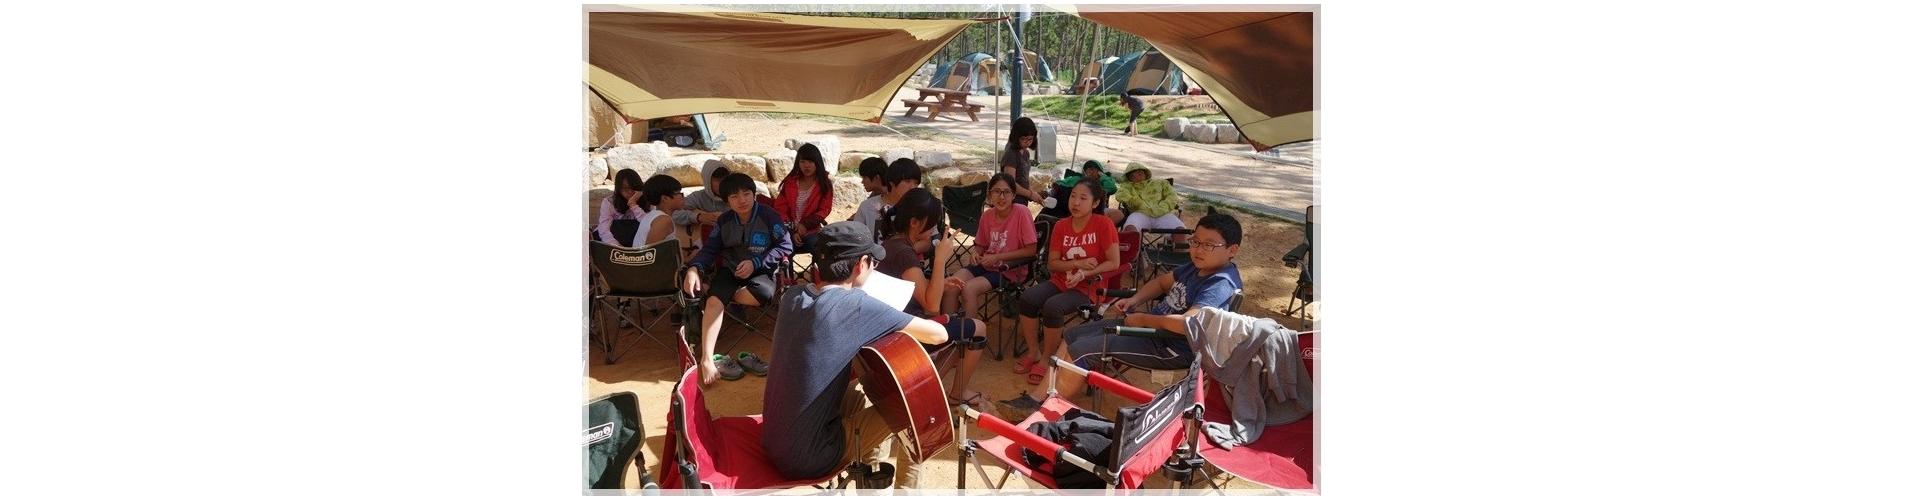 2013 가을캠핑 Day 3-2